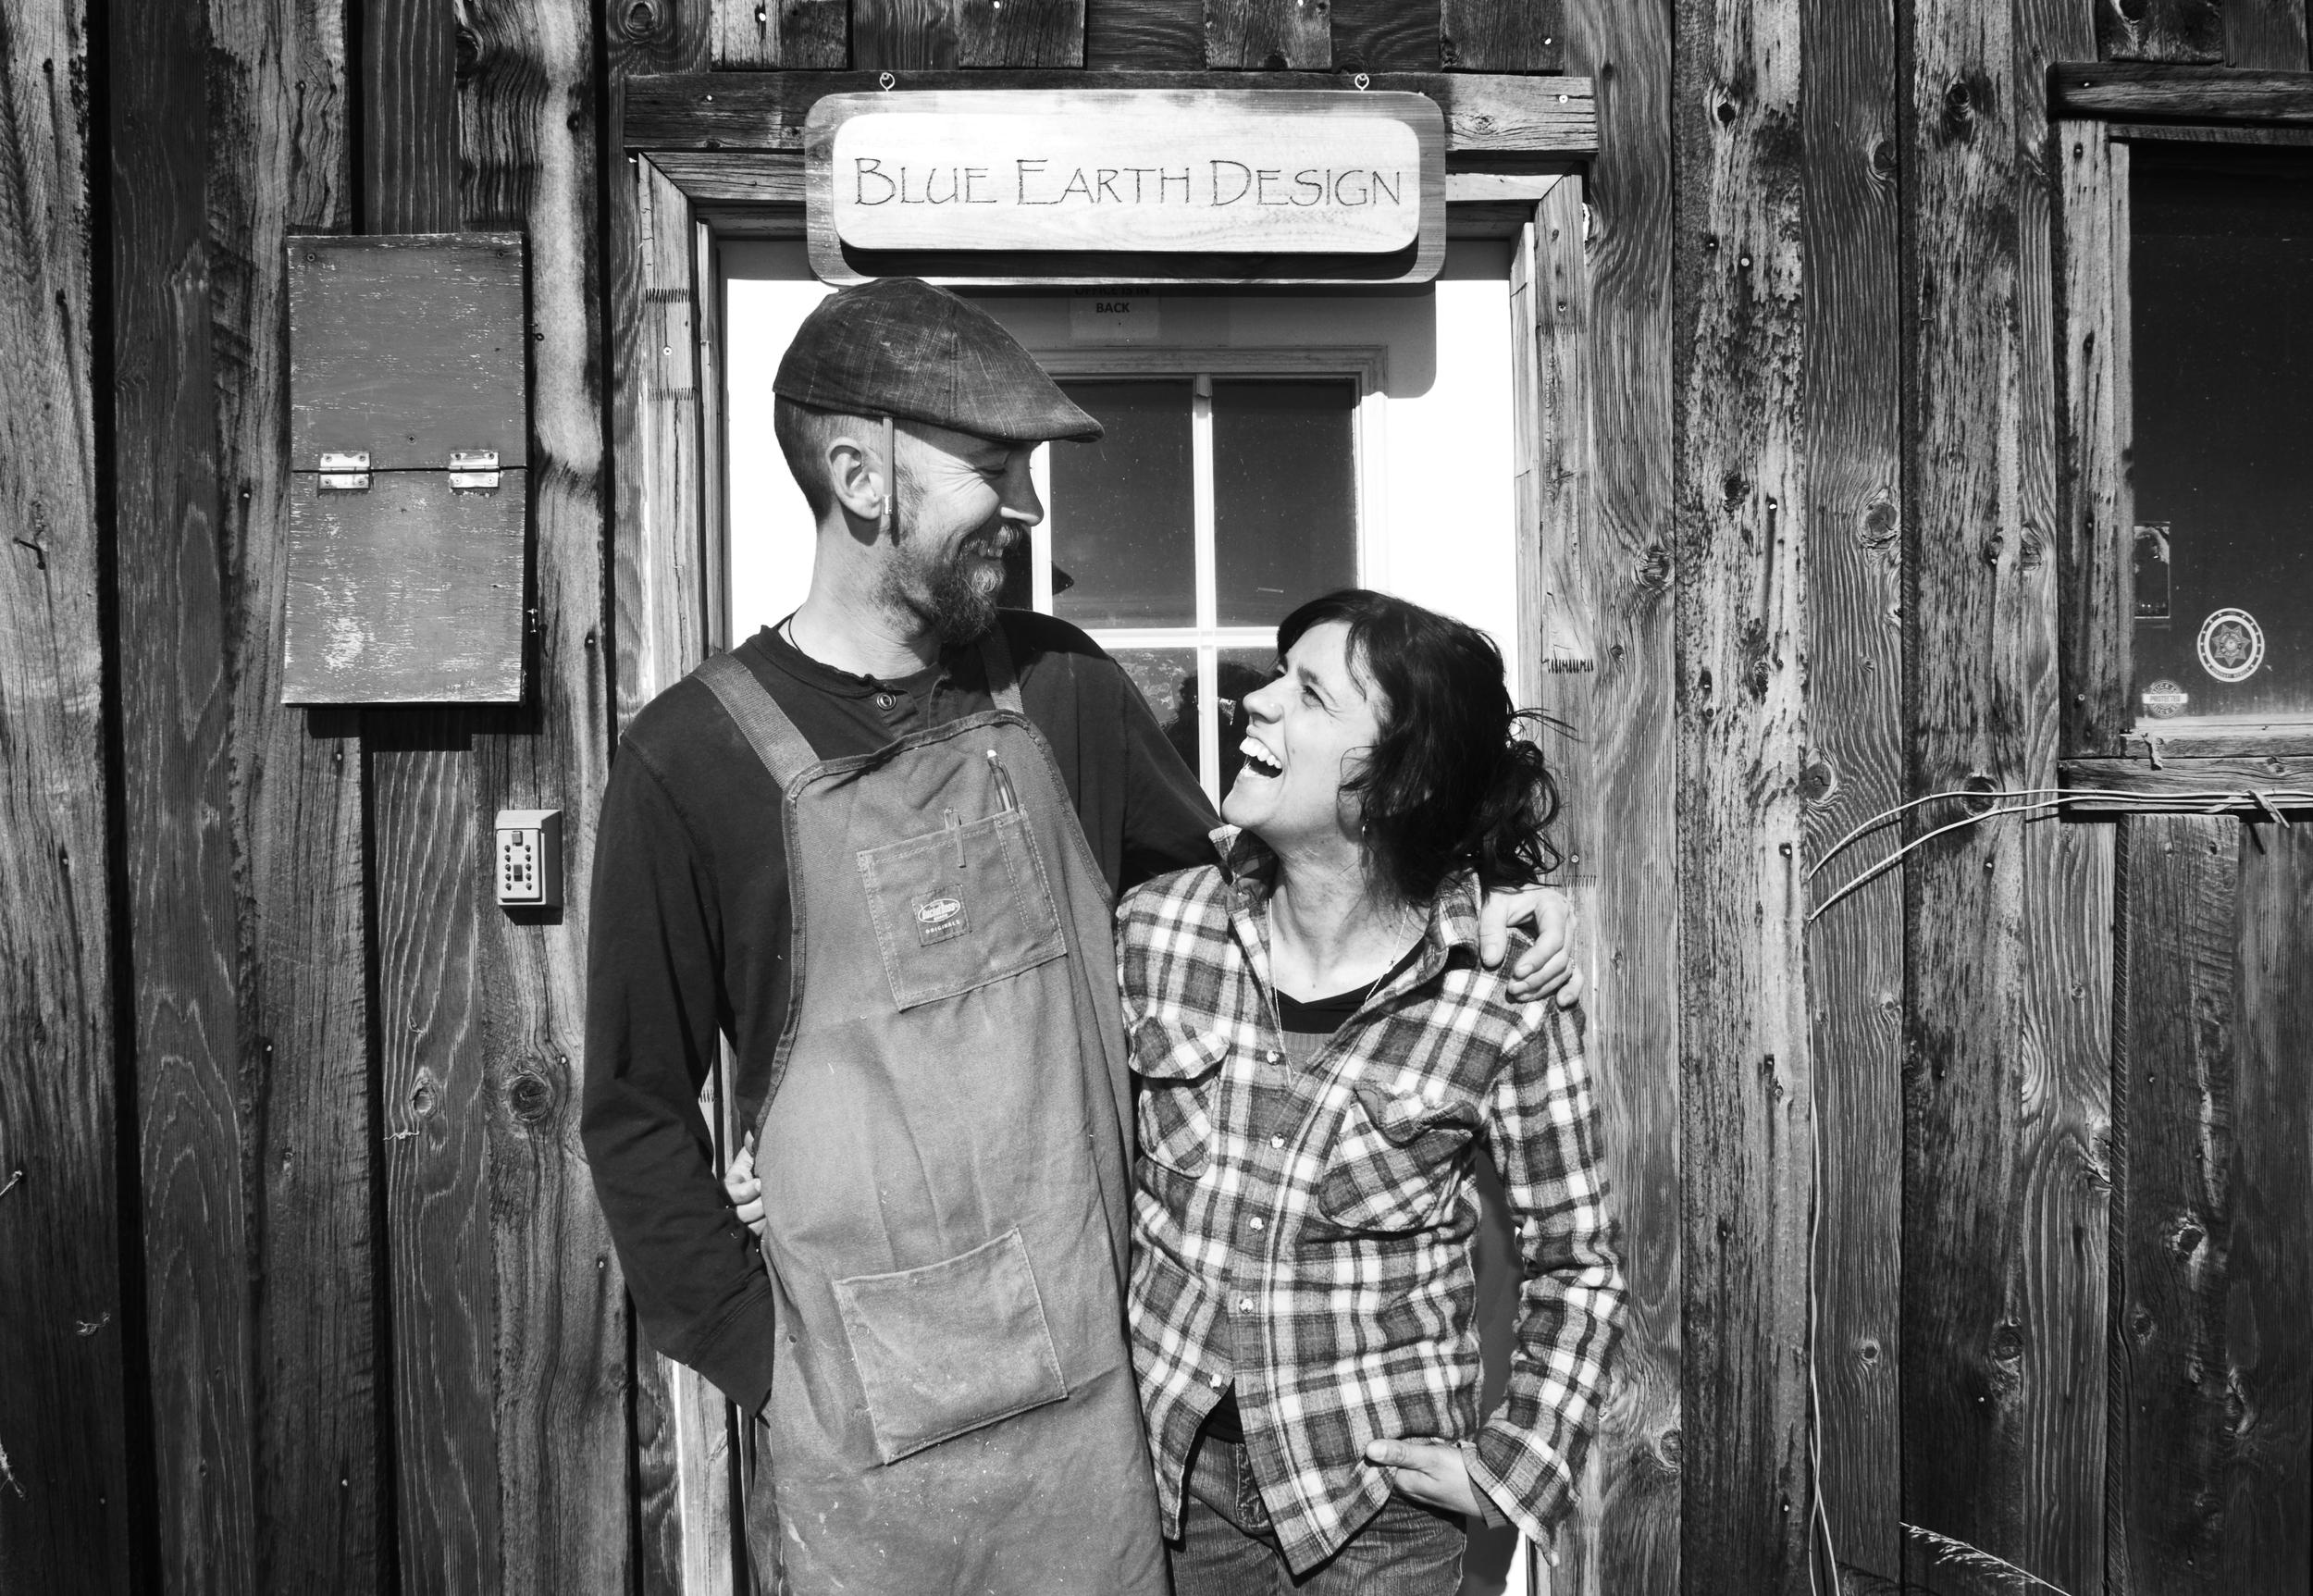 Adam and Cristina  photo credit: Dara Blumenhein